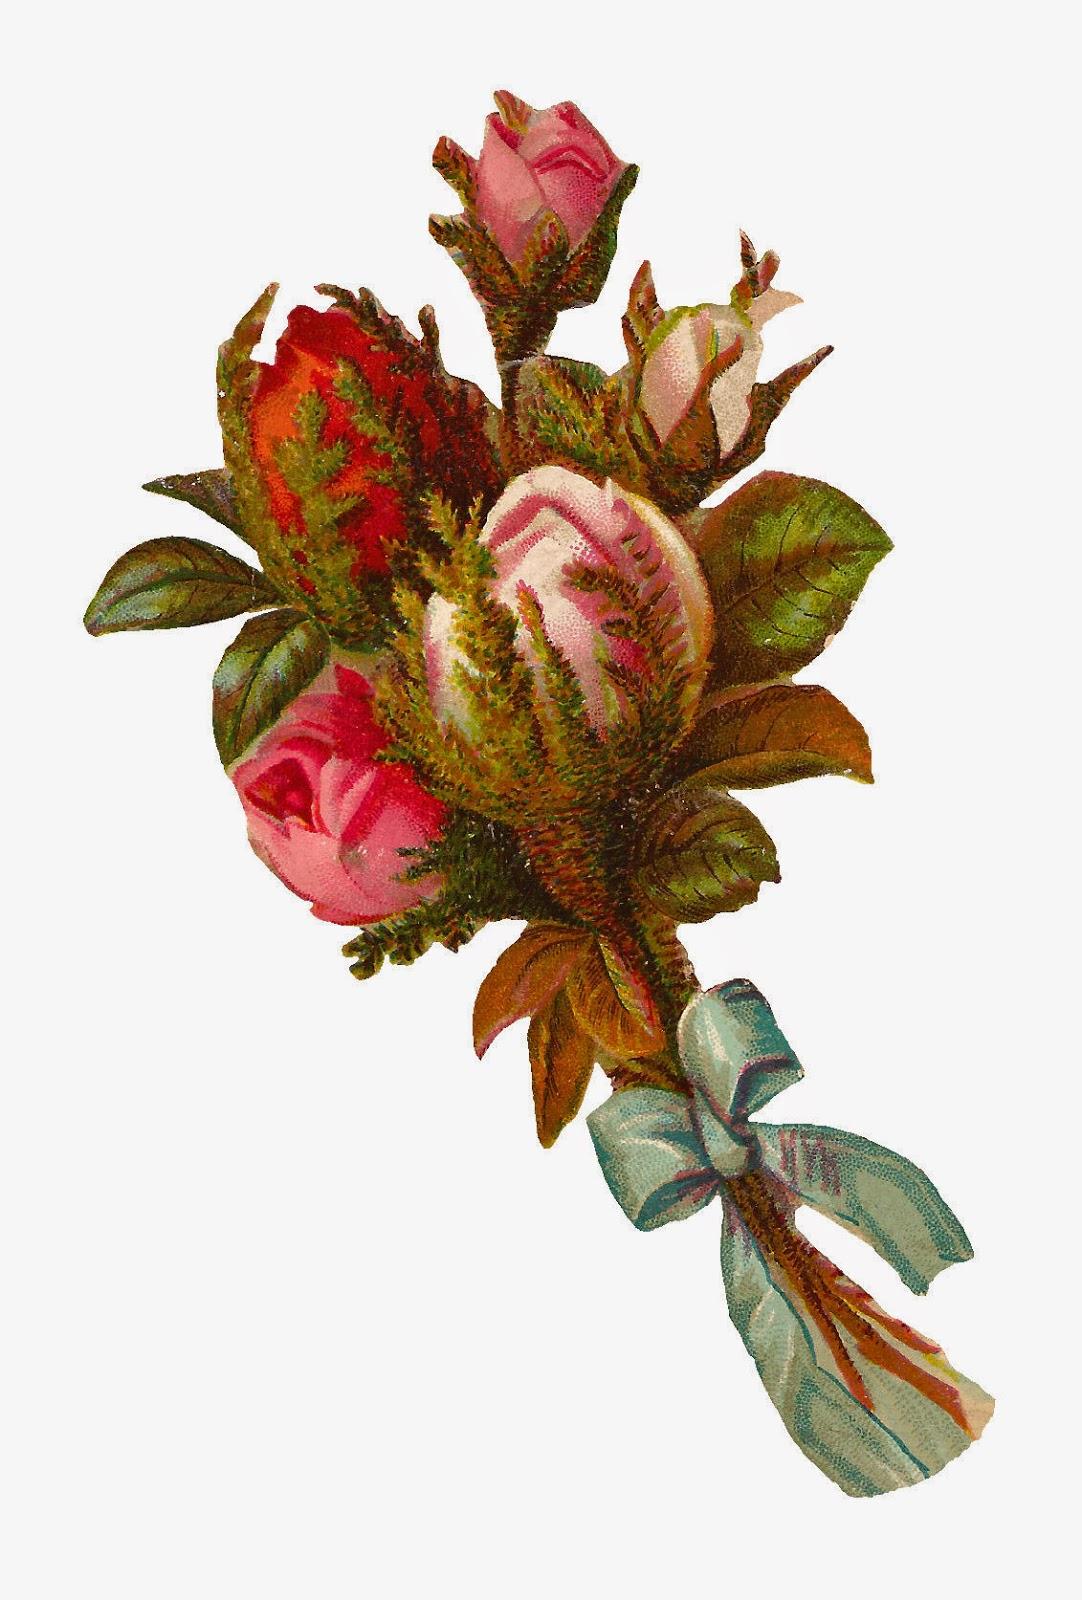 http://4.bp.blogspot.com/-l7c4IYL2hbU/U5ixcImmsaI/AAAAAAAAUYg/e96AQUxu_e8/s1600/blue_ribbon_bouquet.jpg